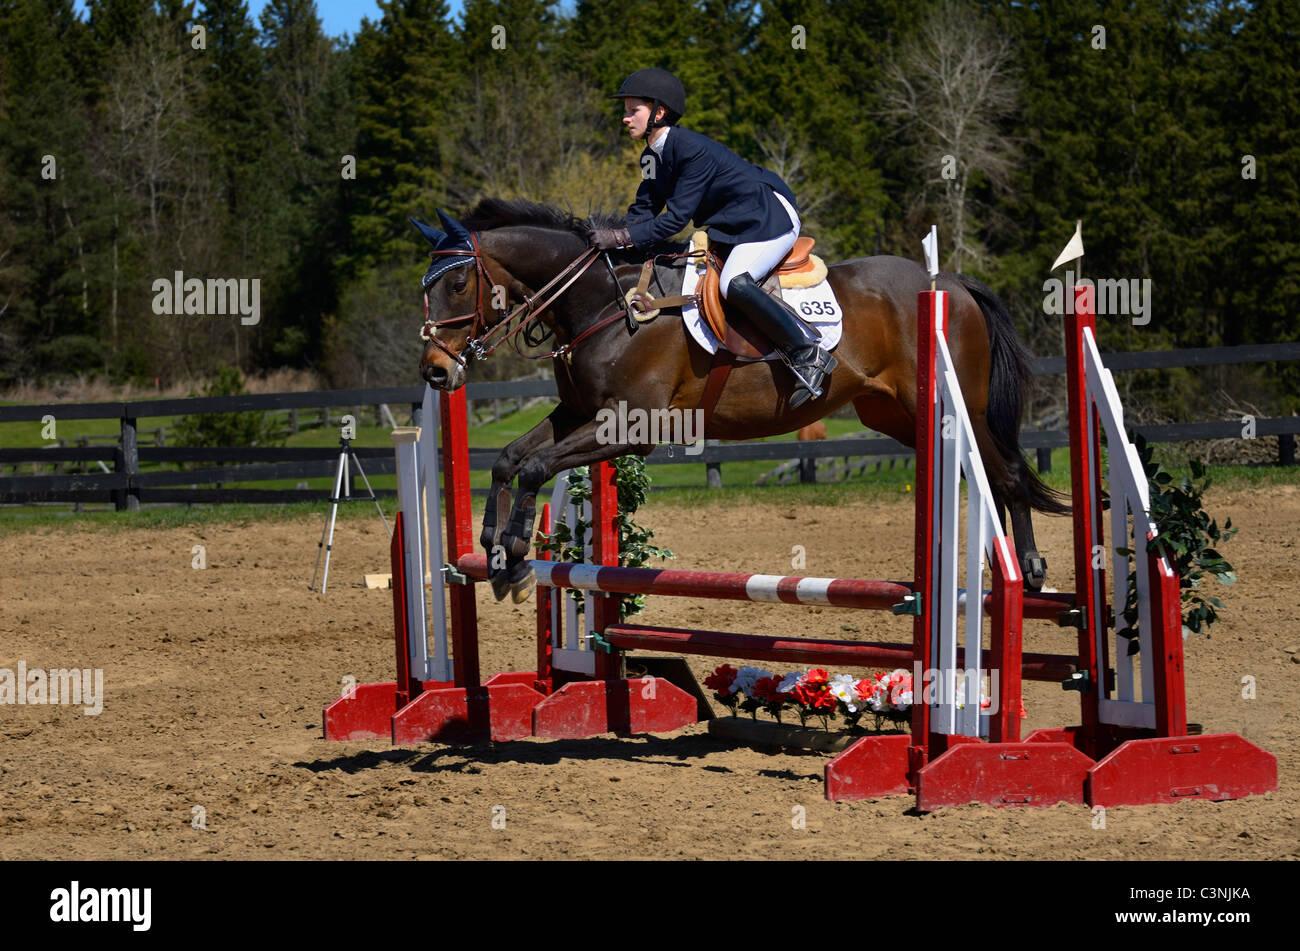 Teen jinete saltar por encima de una valla de oxer desnivel un espectáculo ecuestre al aire libre competencia Imagen De Stock